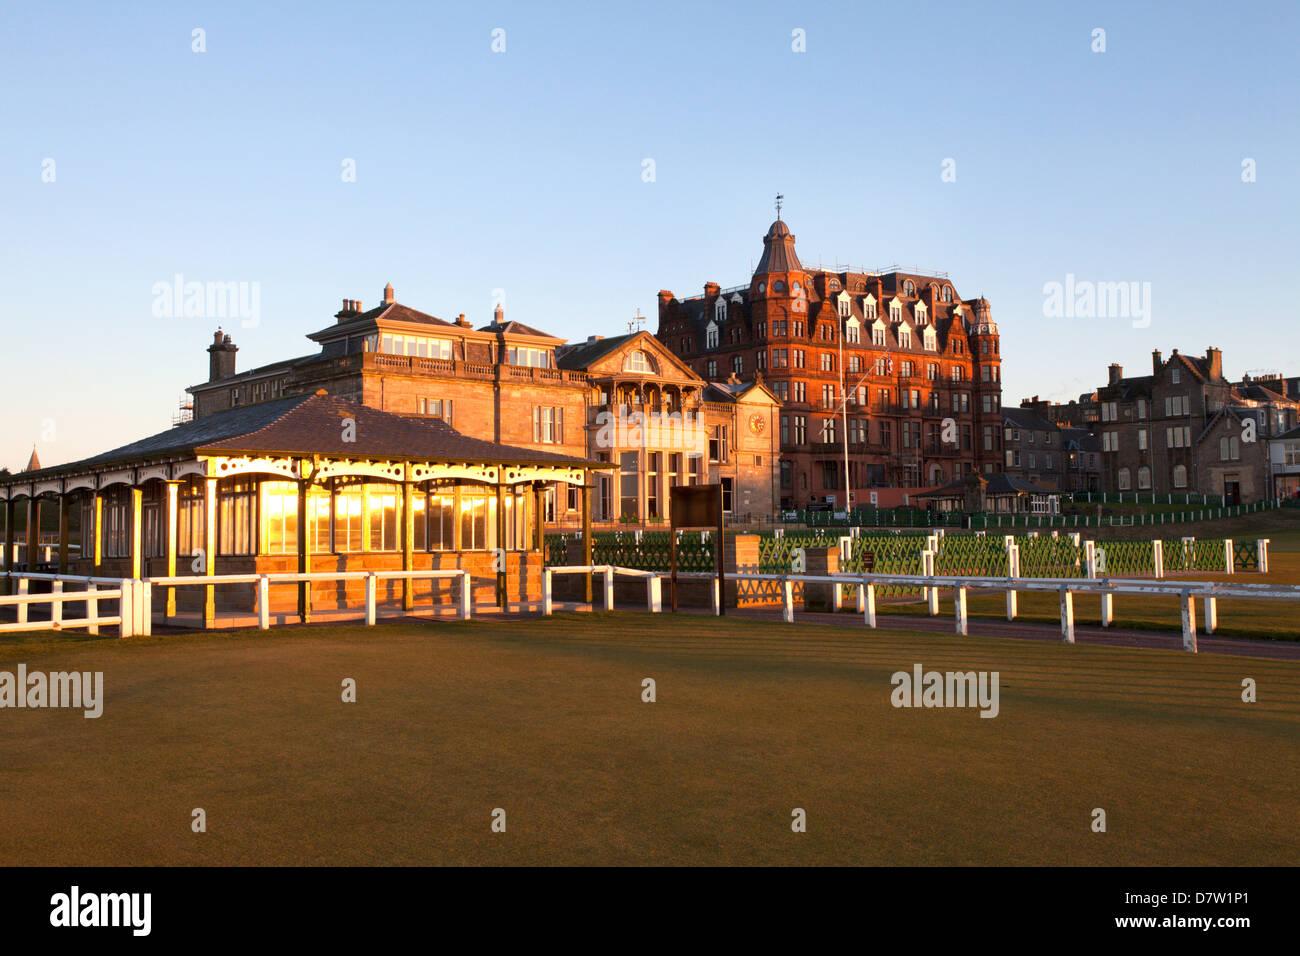 Caddie-Pavillon und der Royal and Ancient Golf Club at the Old Course, St. Andrews, Fife, Schottland, Großbritannien Stockbild